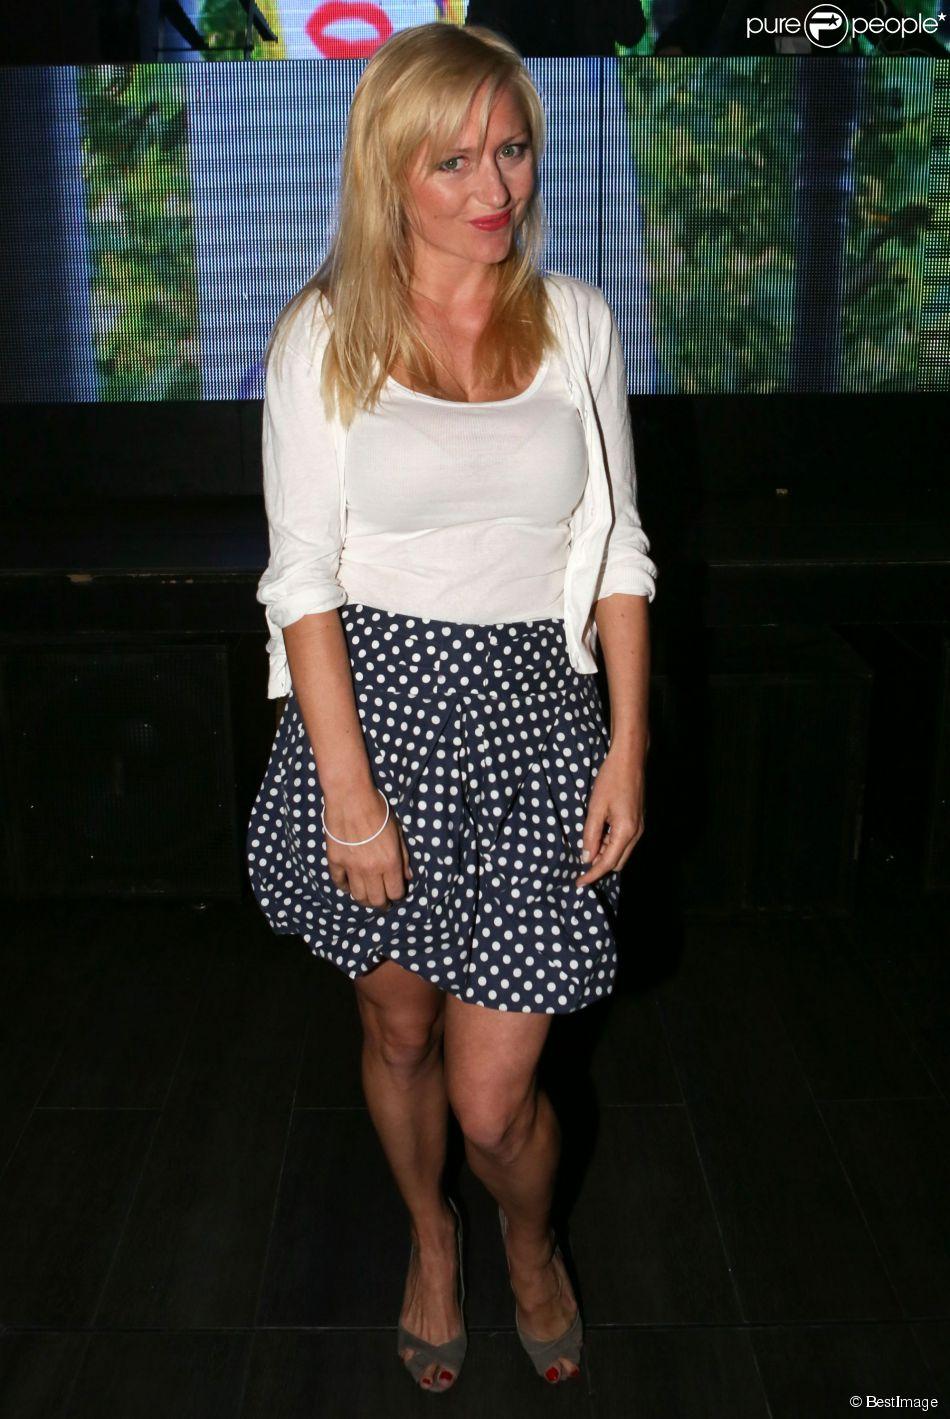 Exclusif - Monika Ekiert - After-party de la cérémonie de clôture du 3e Champs-Elysées Film Festival au Club 79 à Paris, le 17 juin 2014.